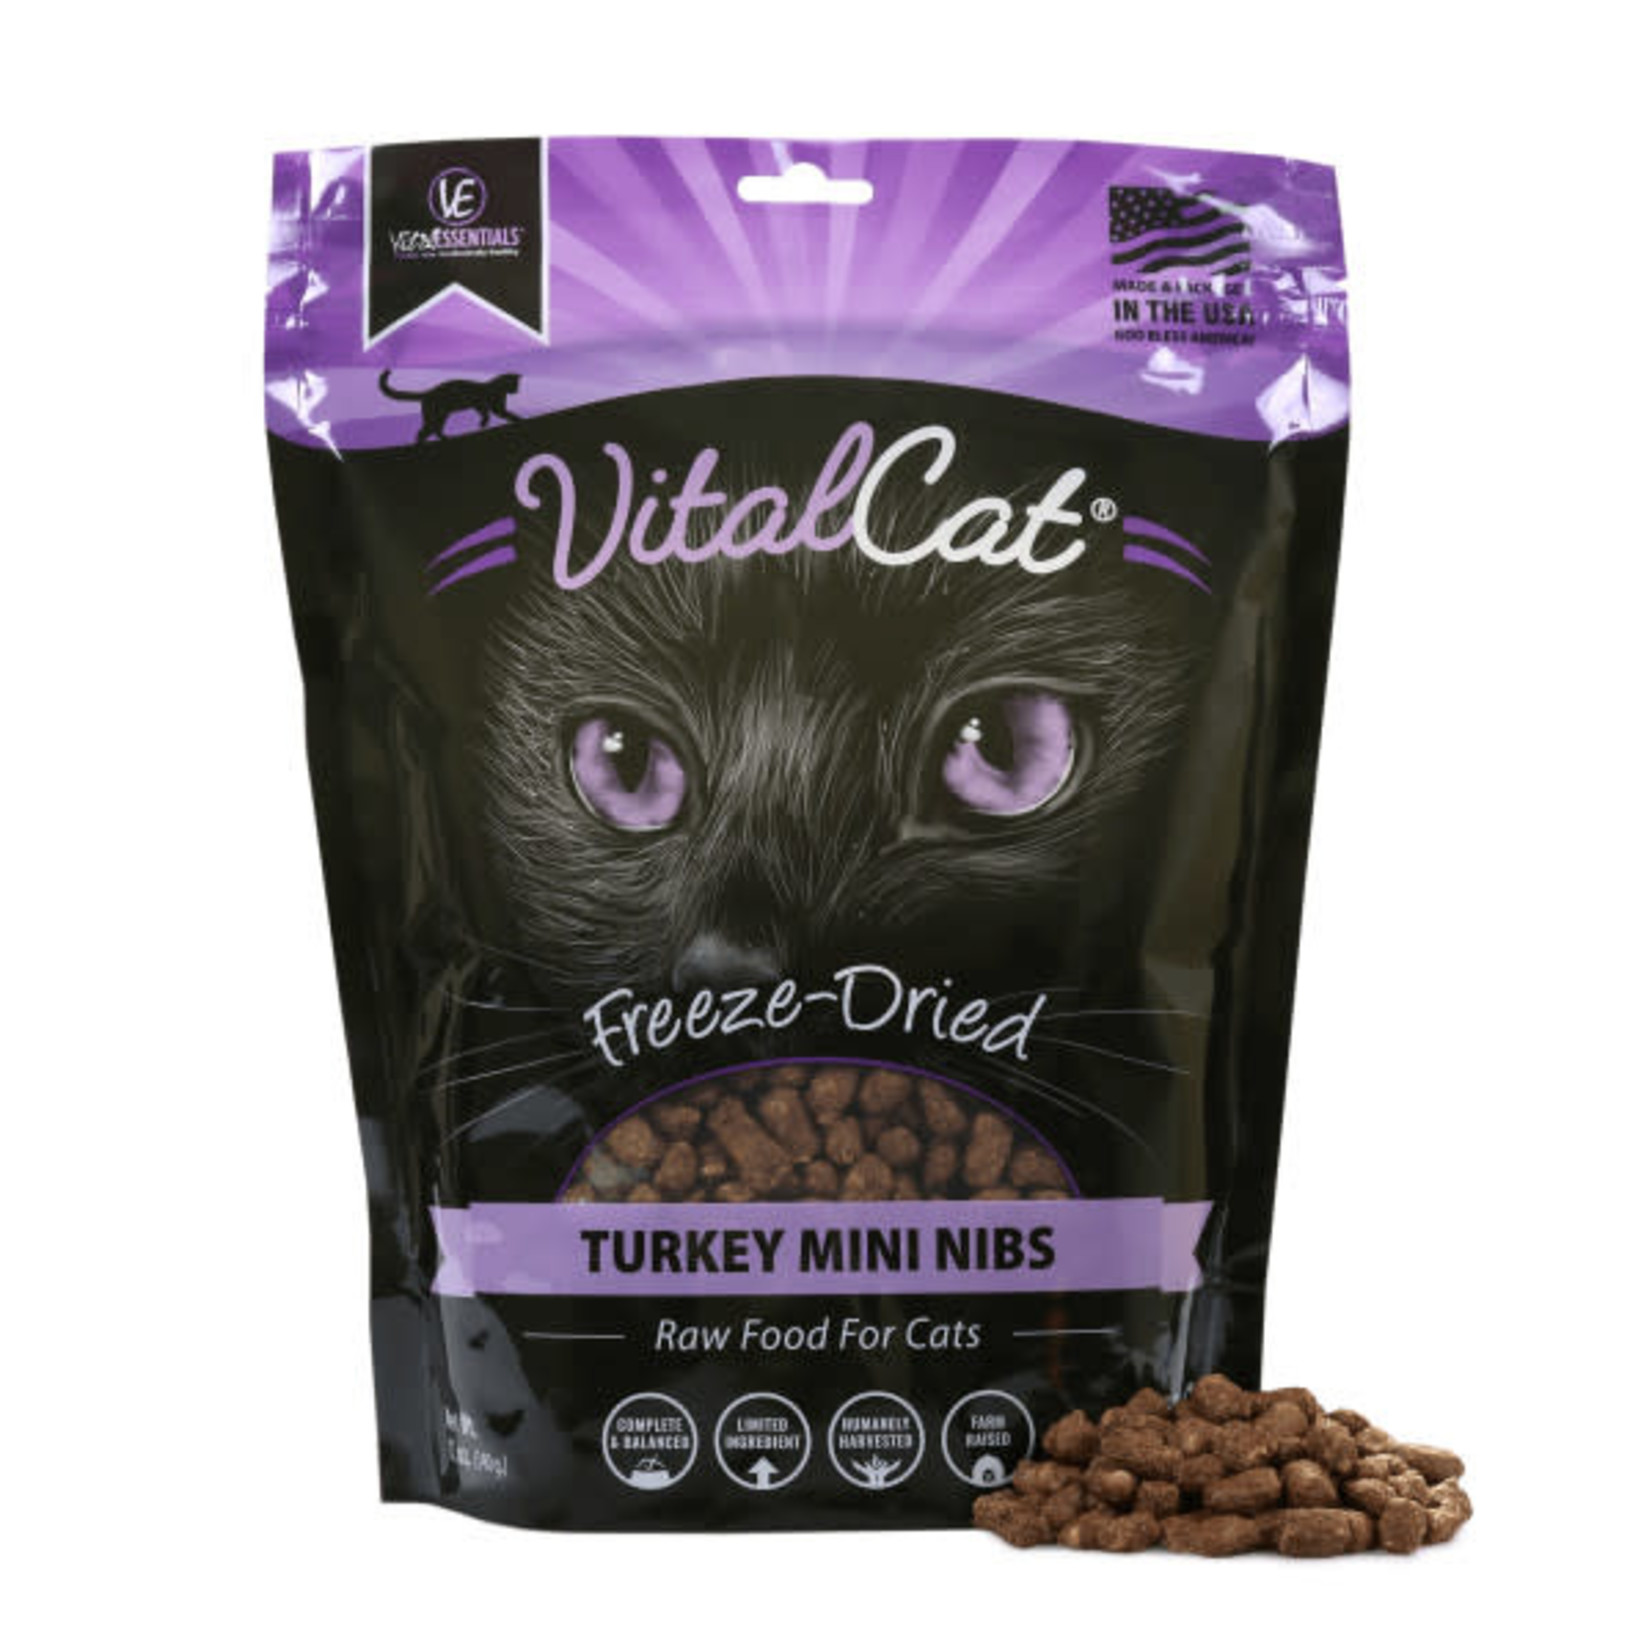 Vital Essentials Vital Essentials Cat Freeze-Dried Mini Nibs Turkey 12 OZ